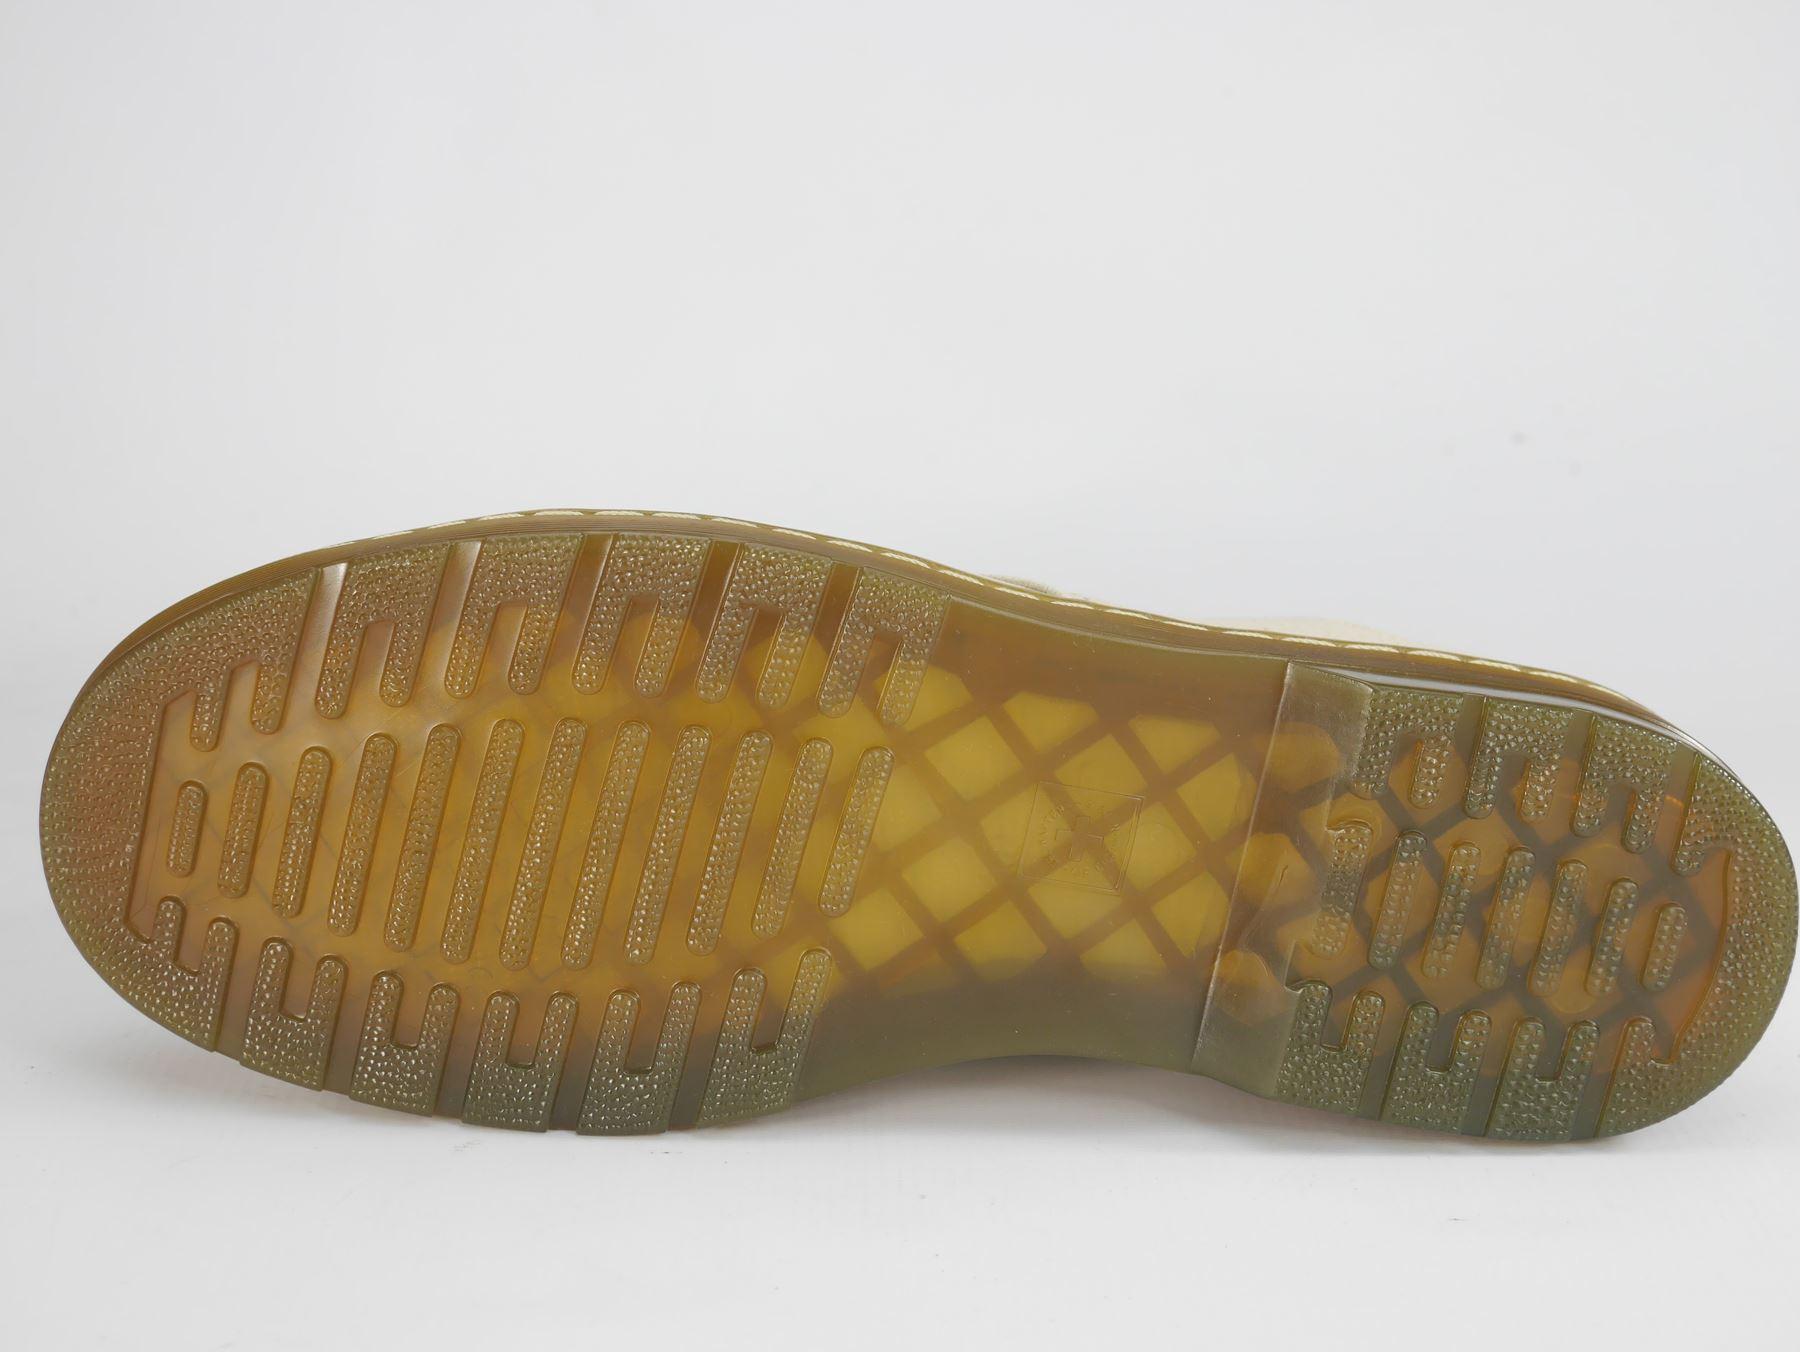 Scarpe Scarpe Scarpe casual da uomo DM Martens da Uomo Delray Dr tela AirWare Lacci Pompe Casual Sandali 8961ae